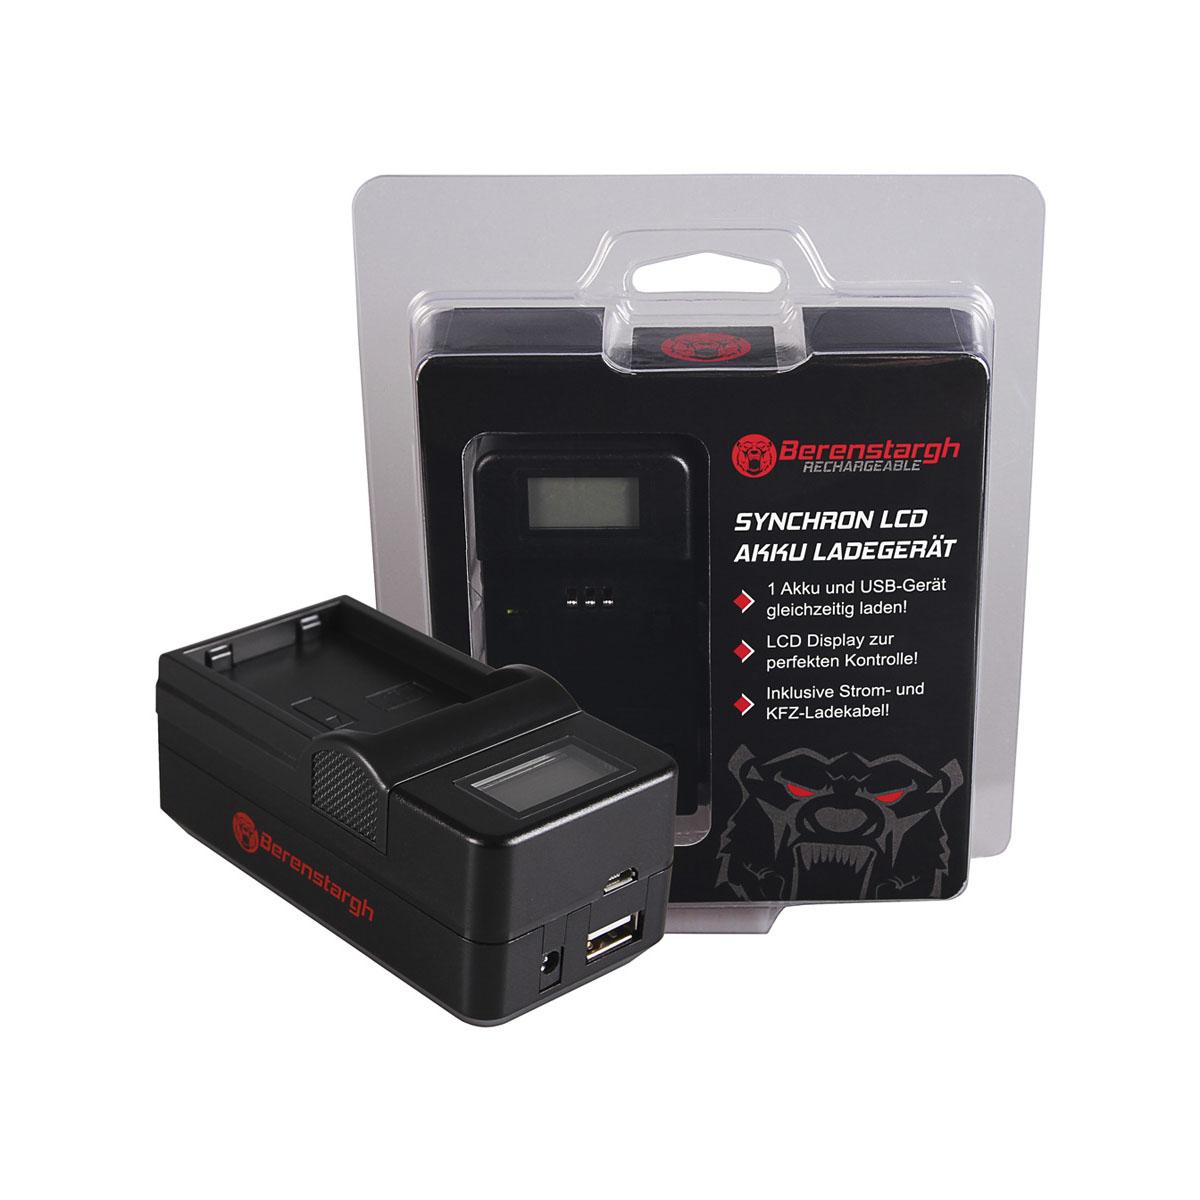 Berenstargh Ladegerät für Nikon EN-EL14